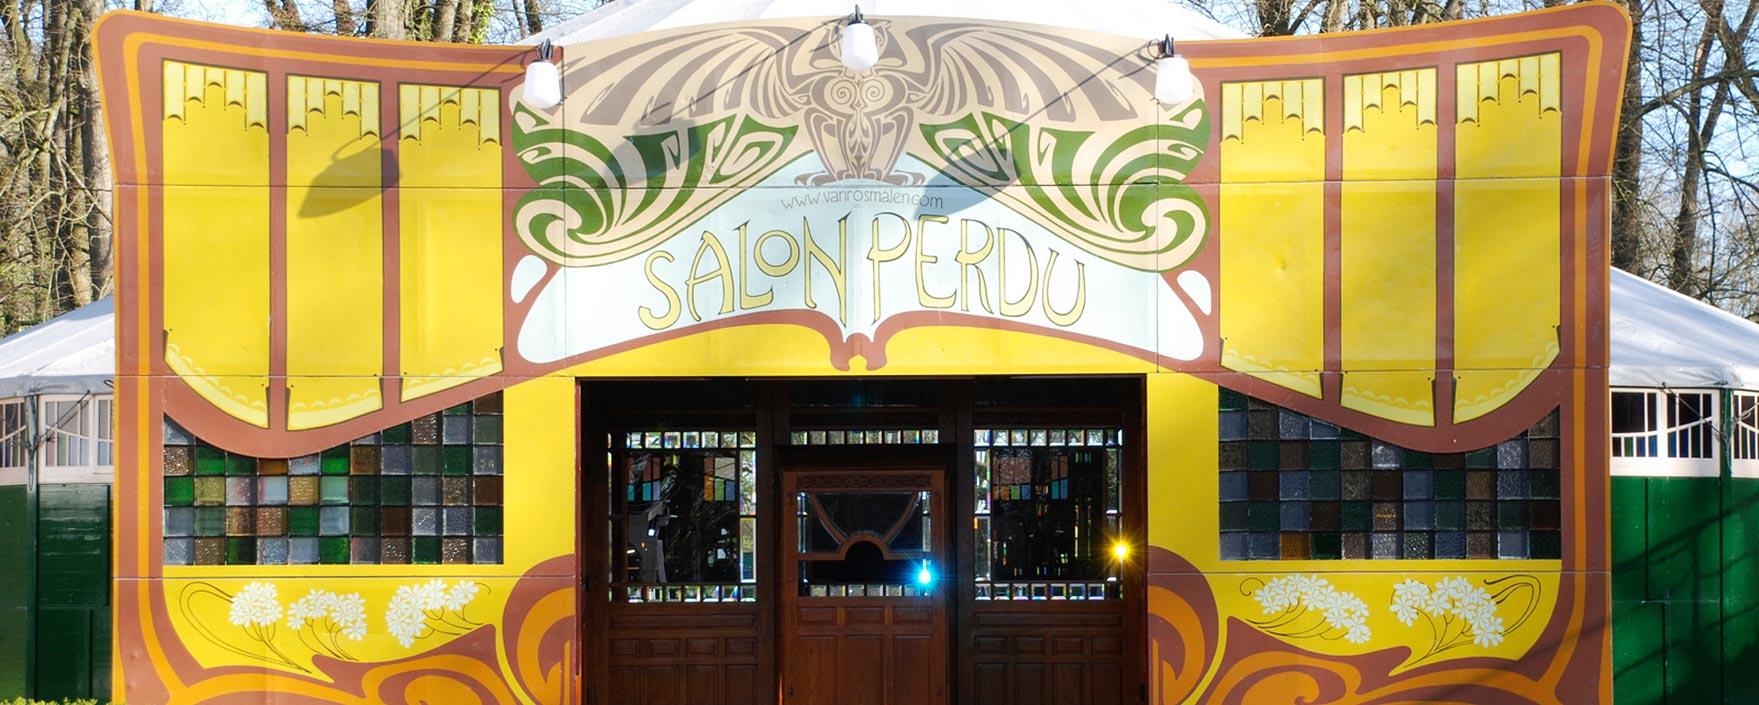 Spiegeltent Salon Perdu